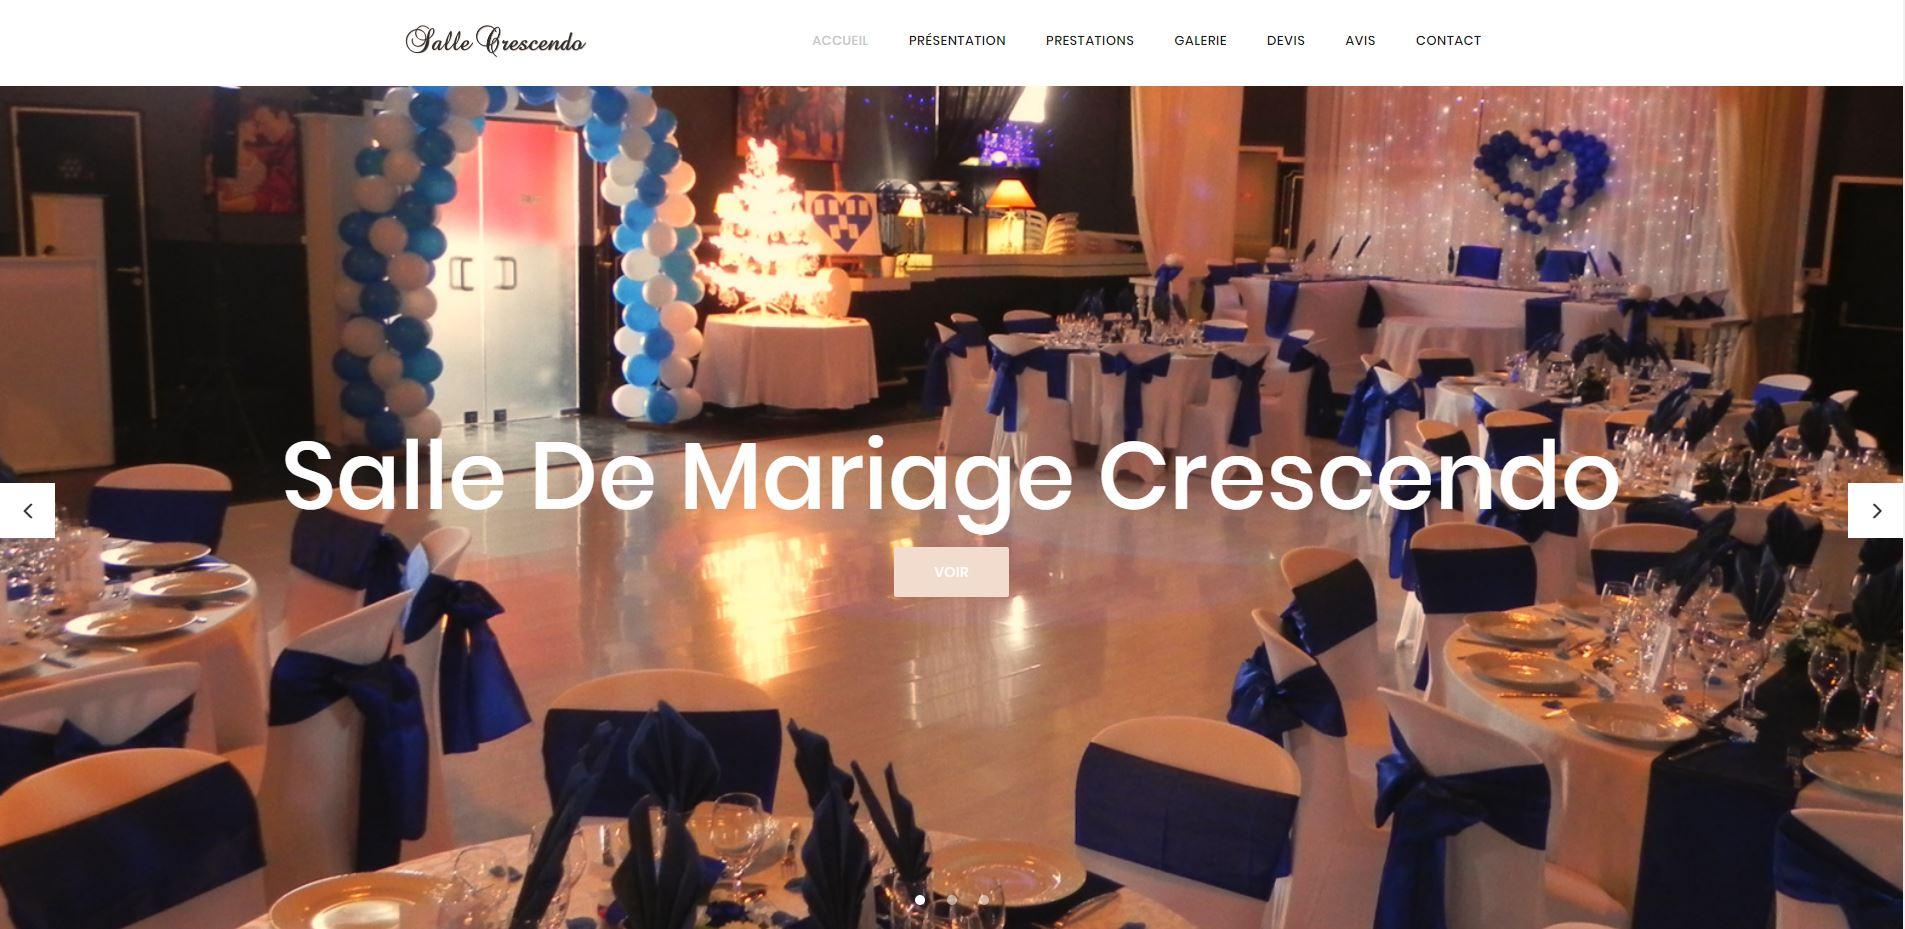 Création du site internet Salle de mariage Crescendo à Perpignan 66